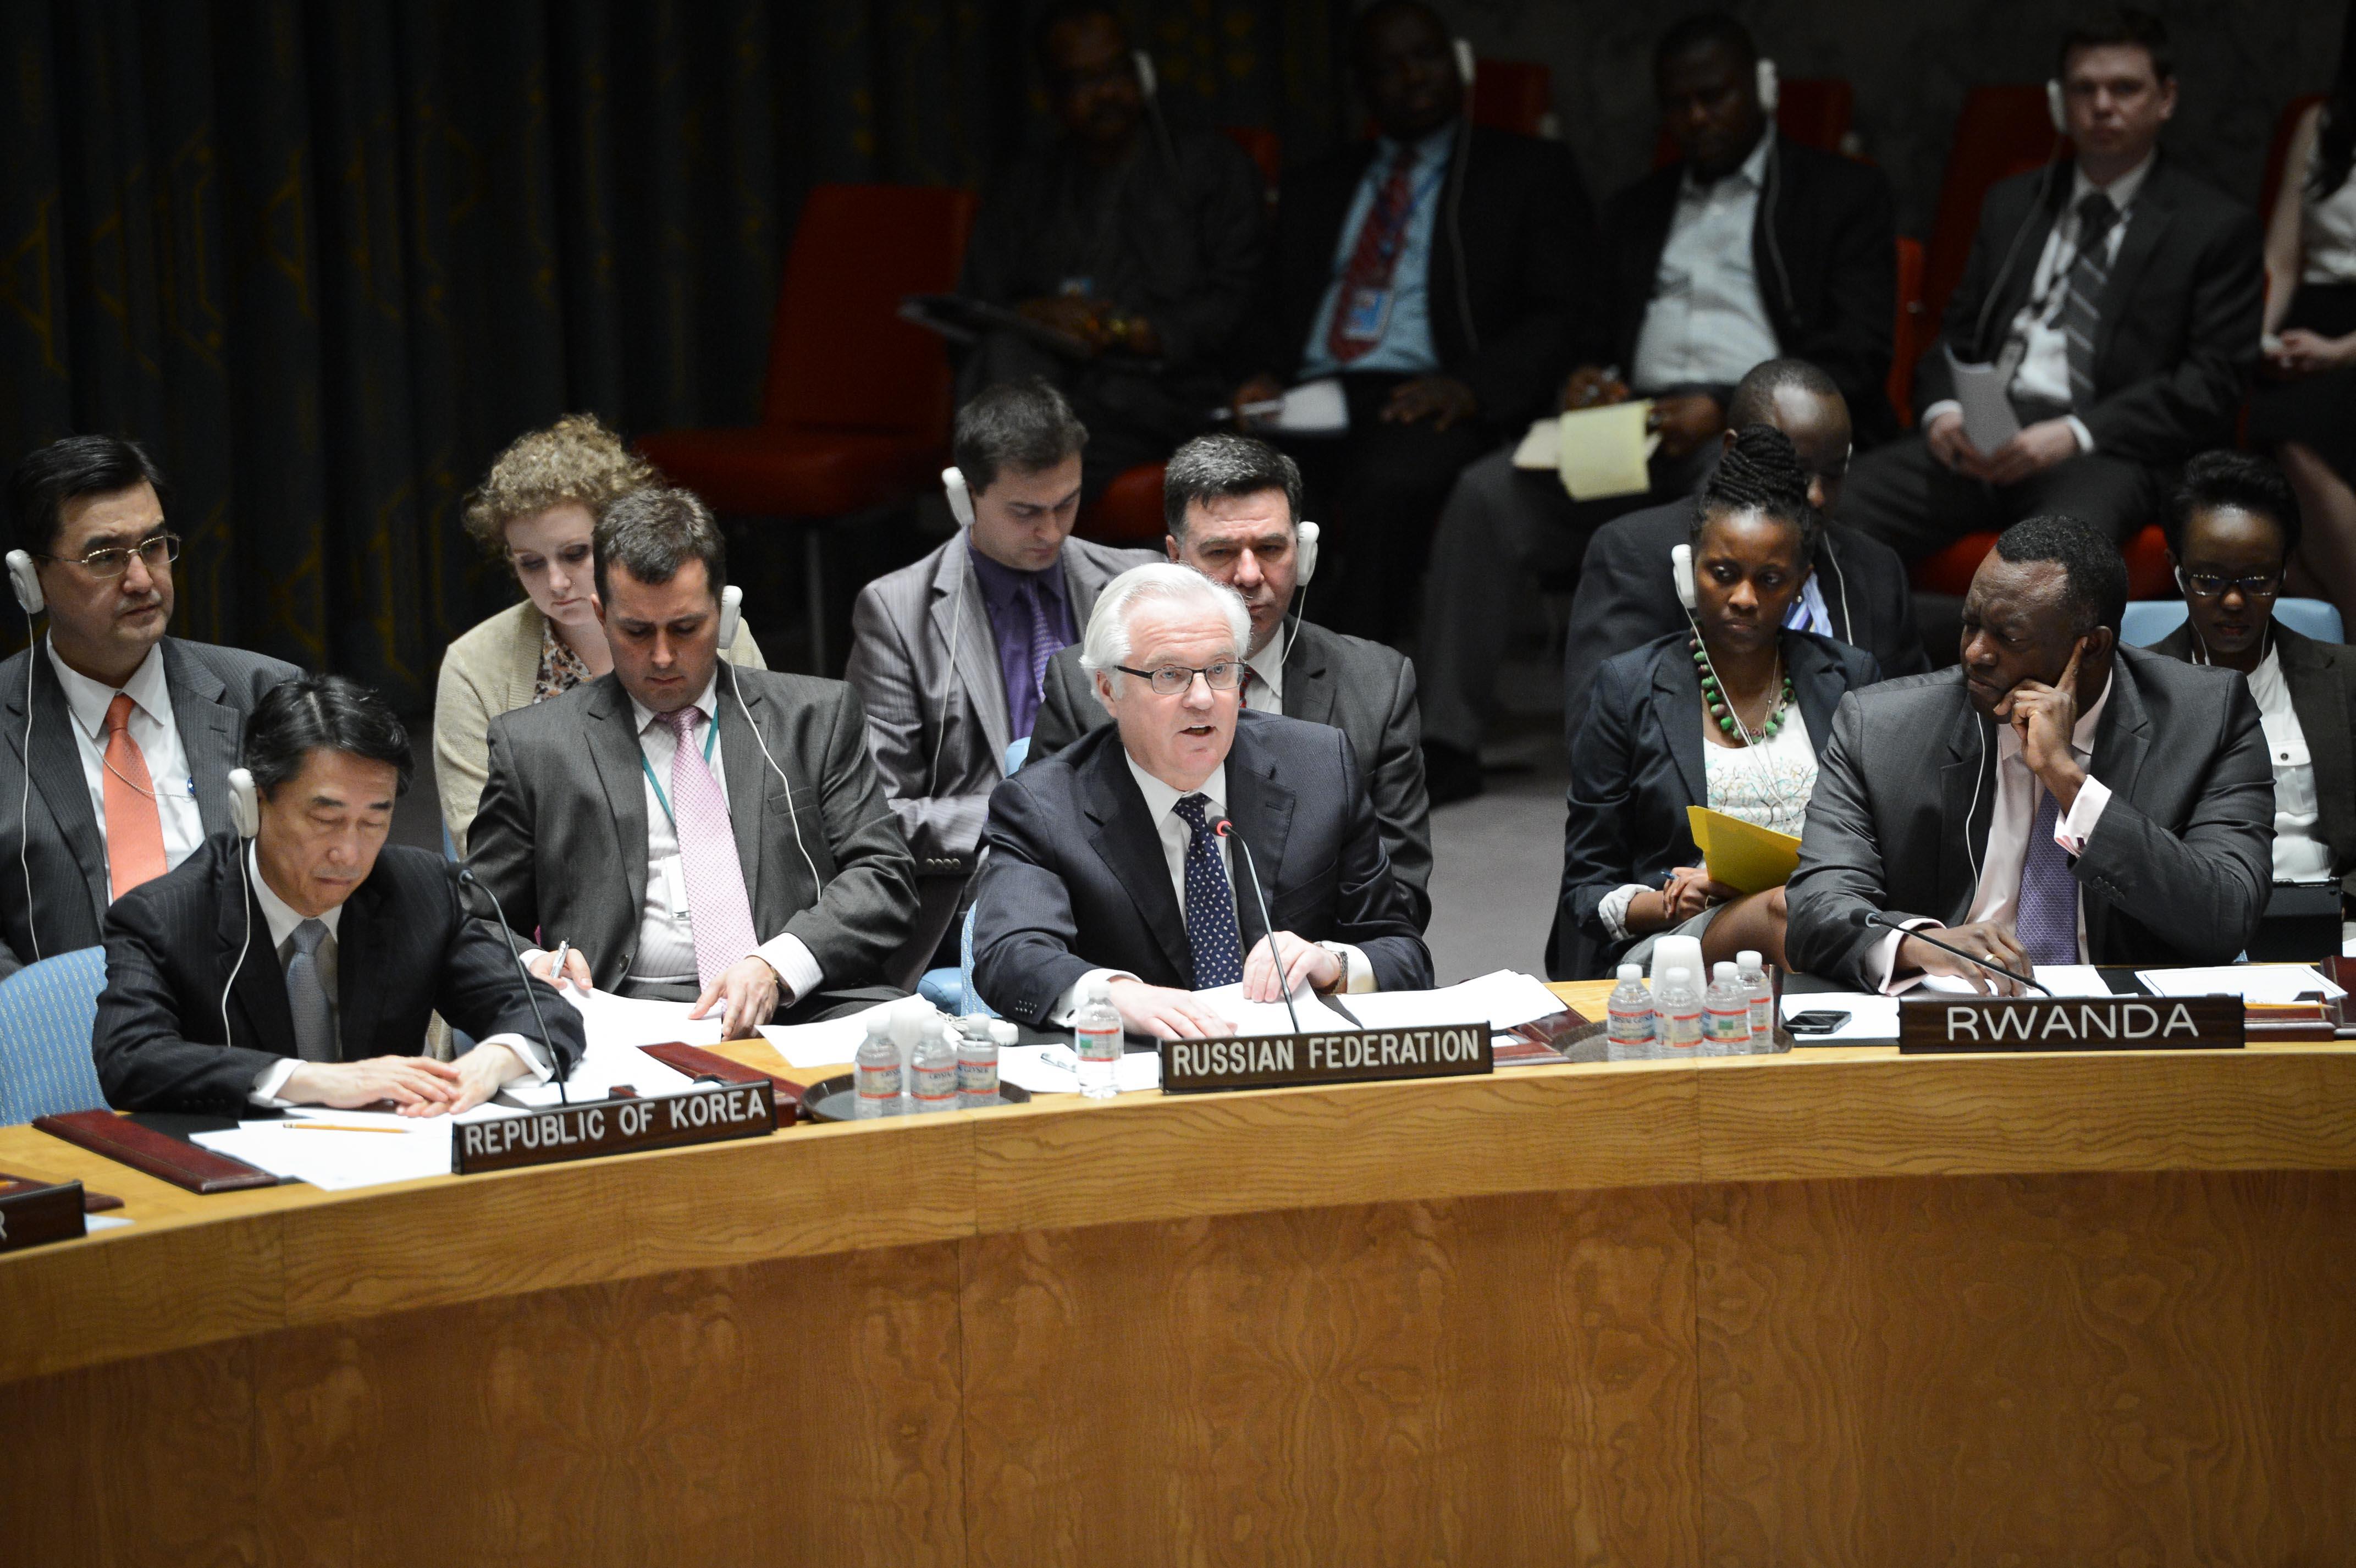 Постоянный представитель РФ в ООН Виталий Чуркин